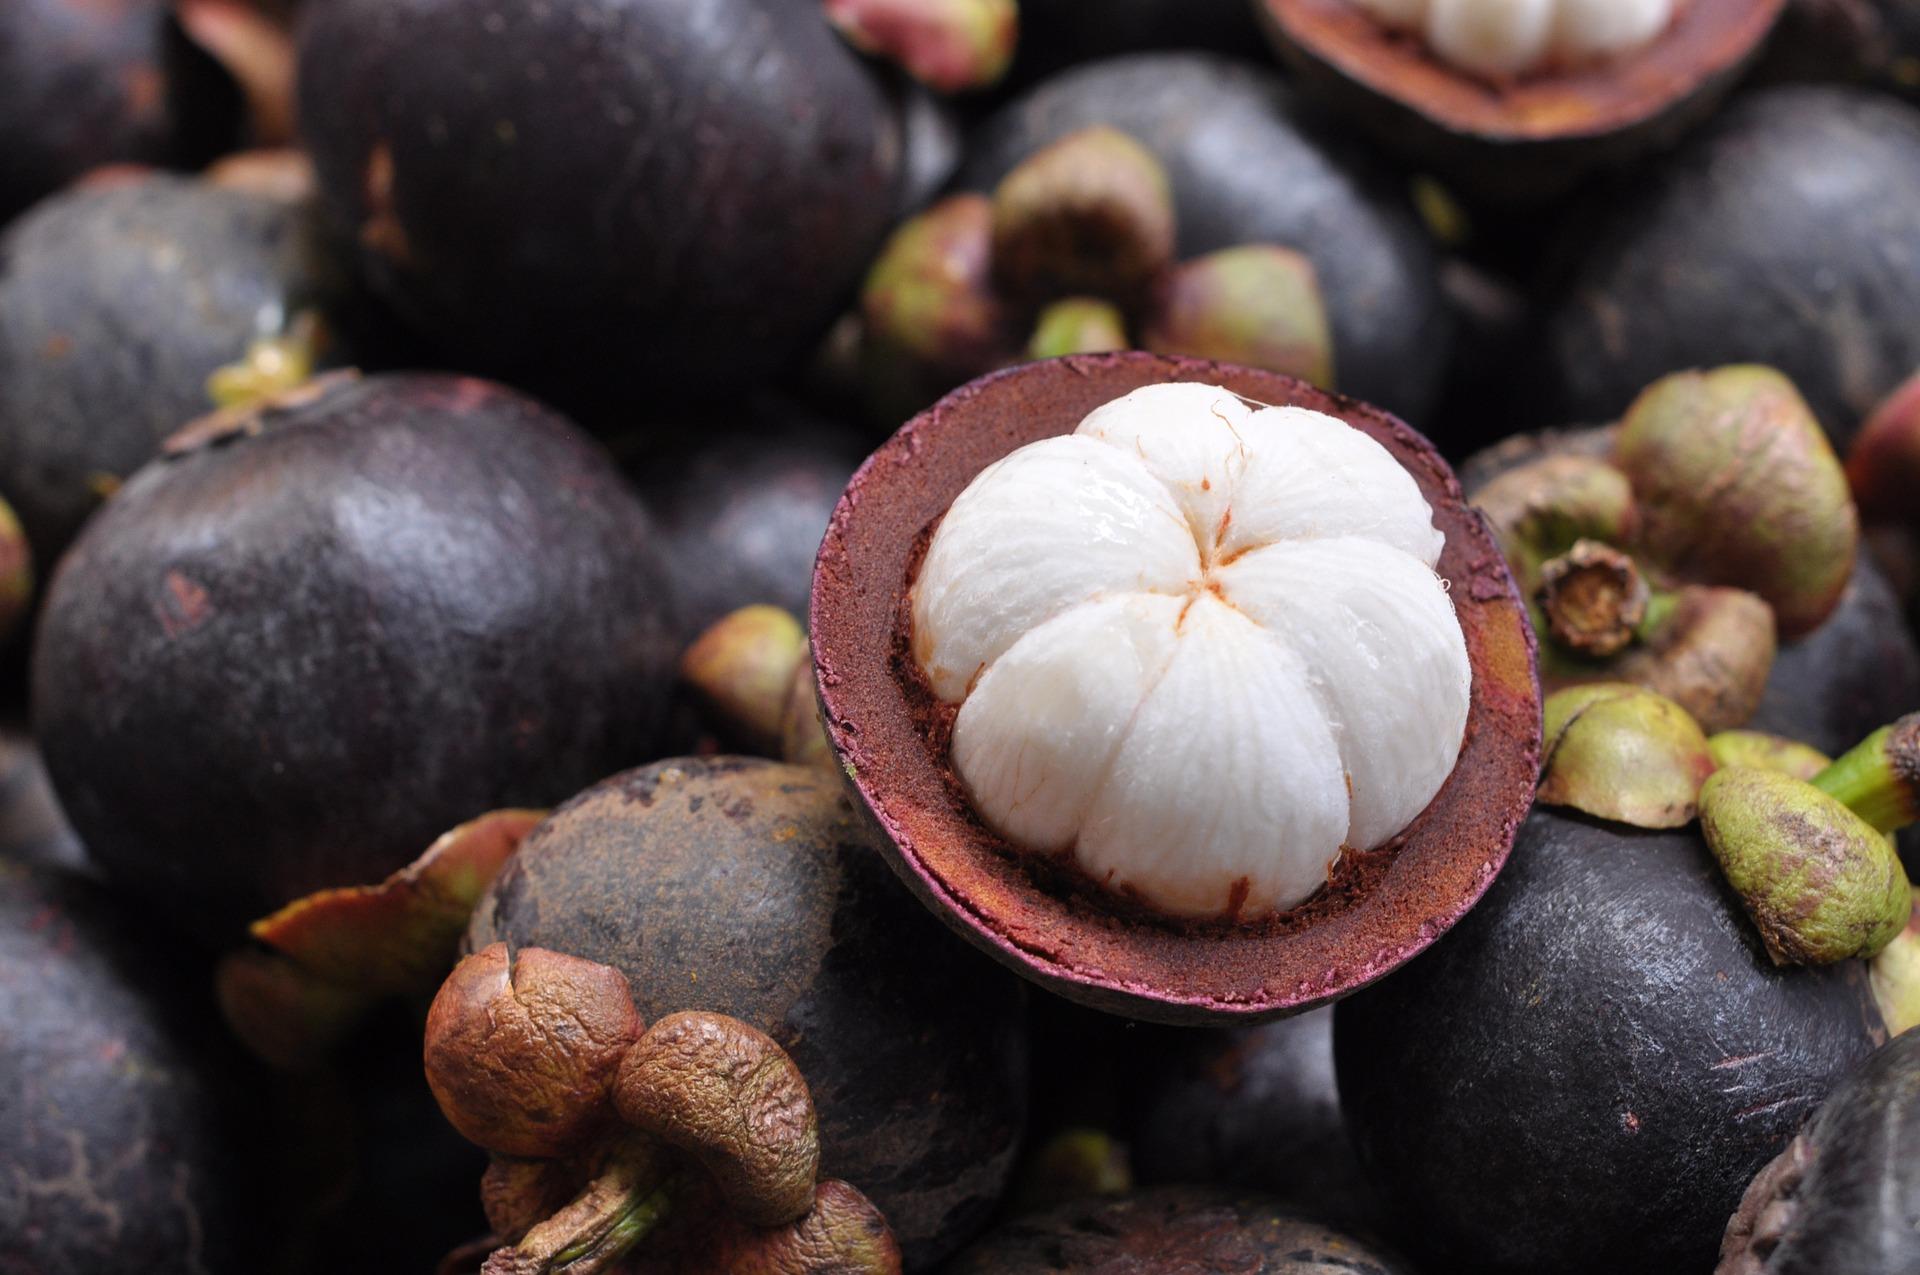 El mangostán se encuentra entre las frutas exóticas que podemos encontrar en México.